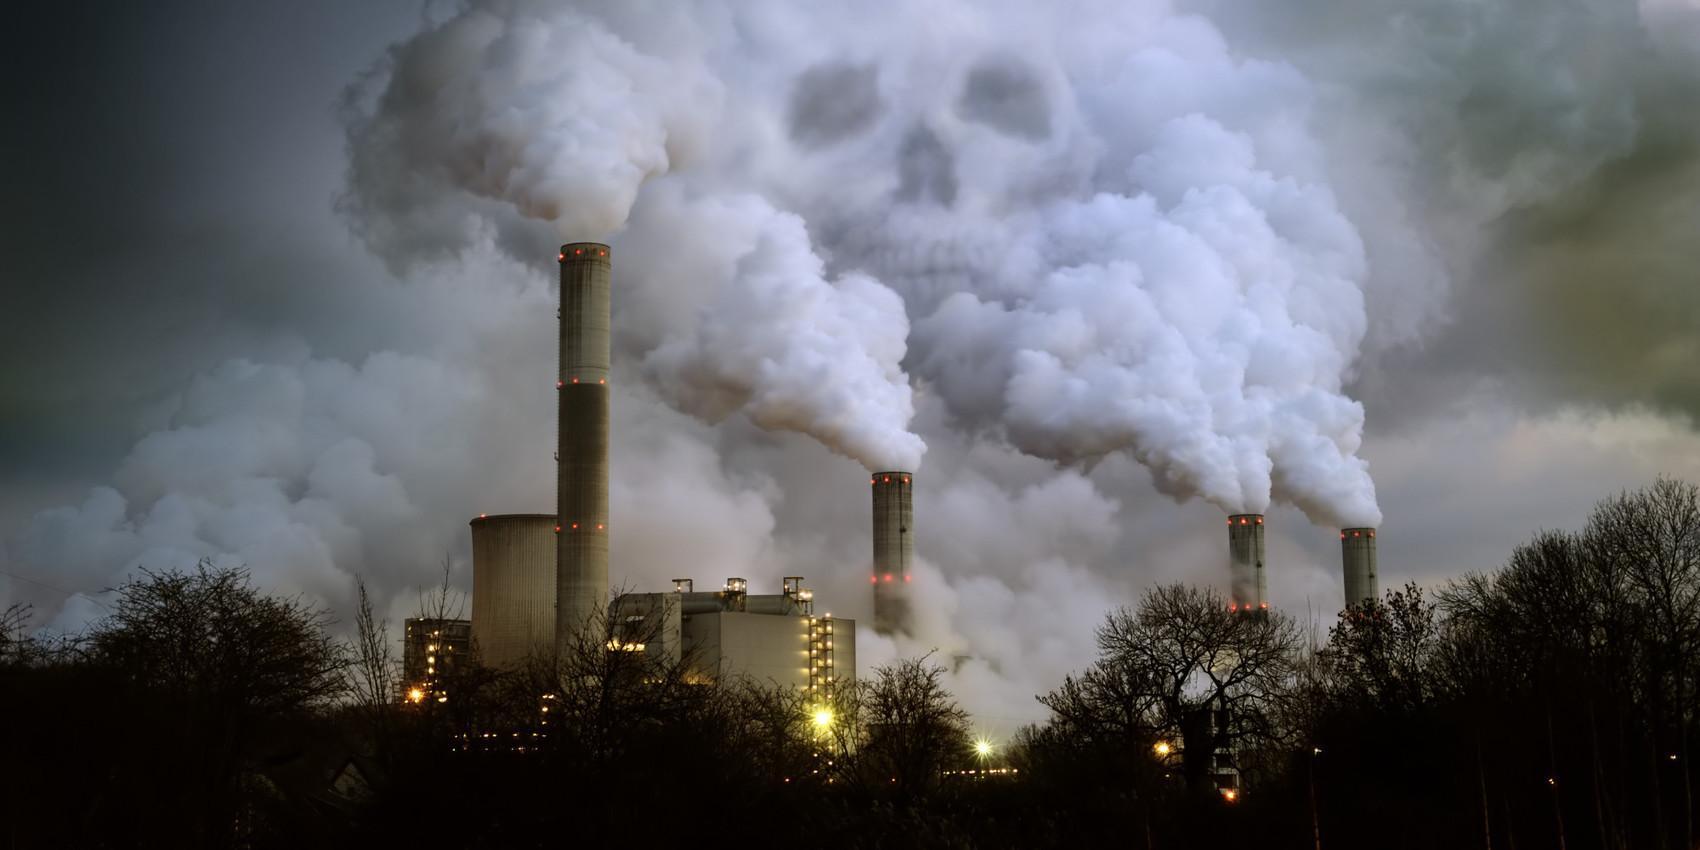 ВКурской области появился спор очистоте воздуха